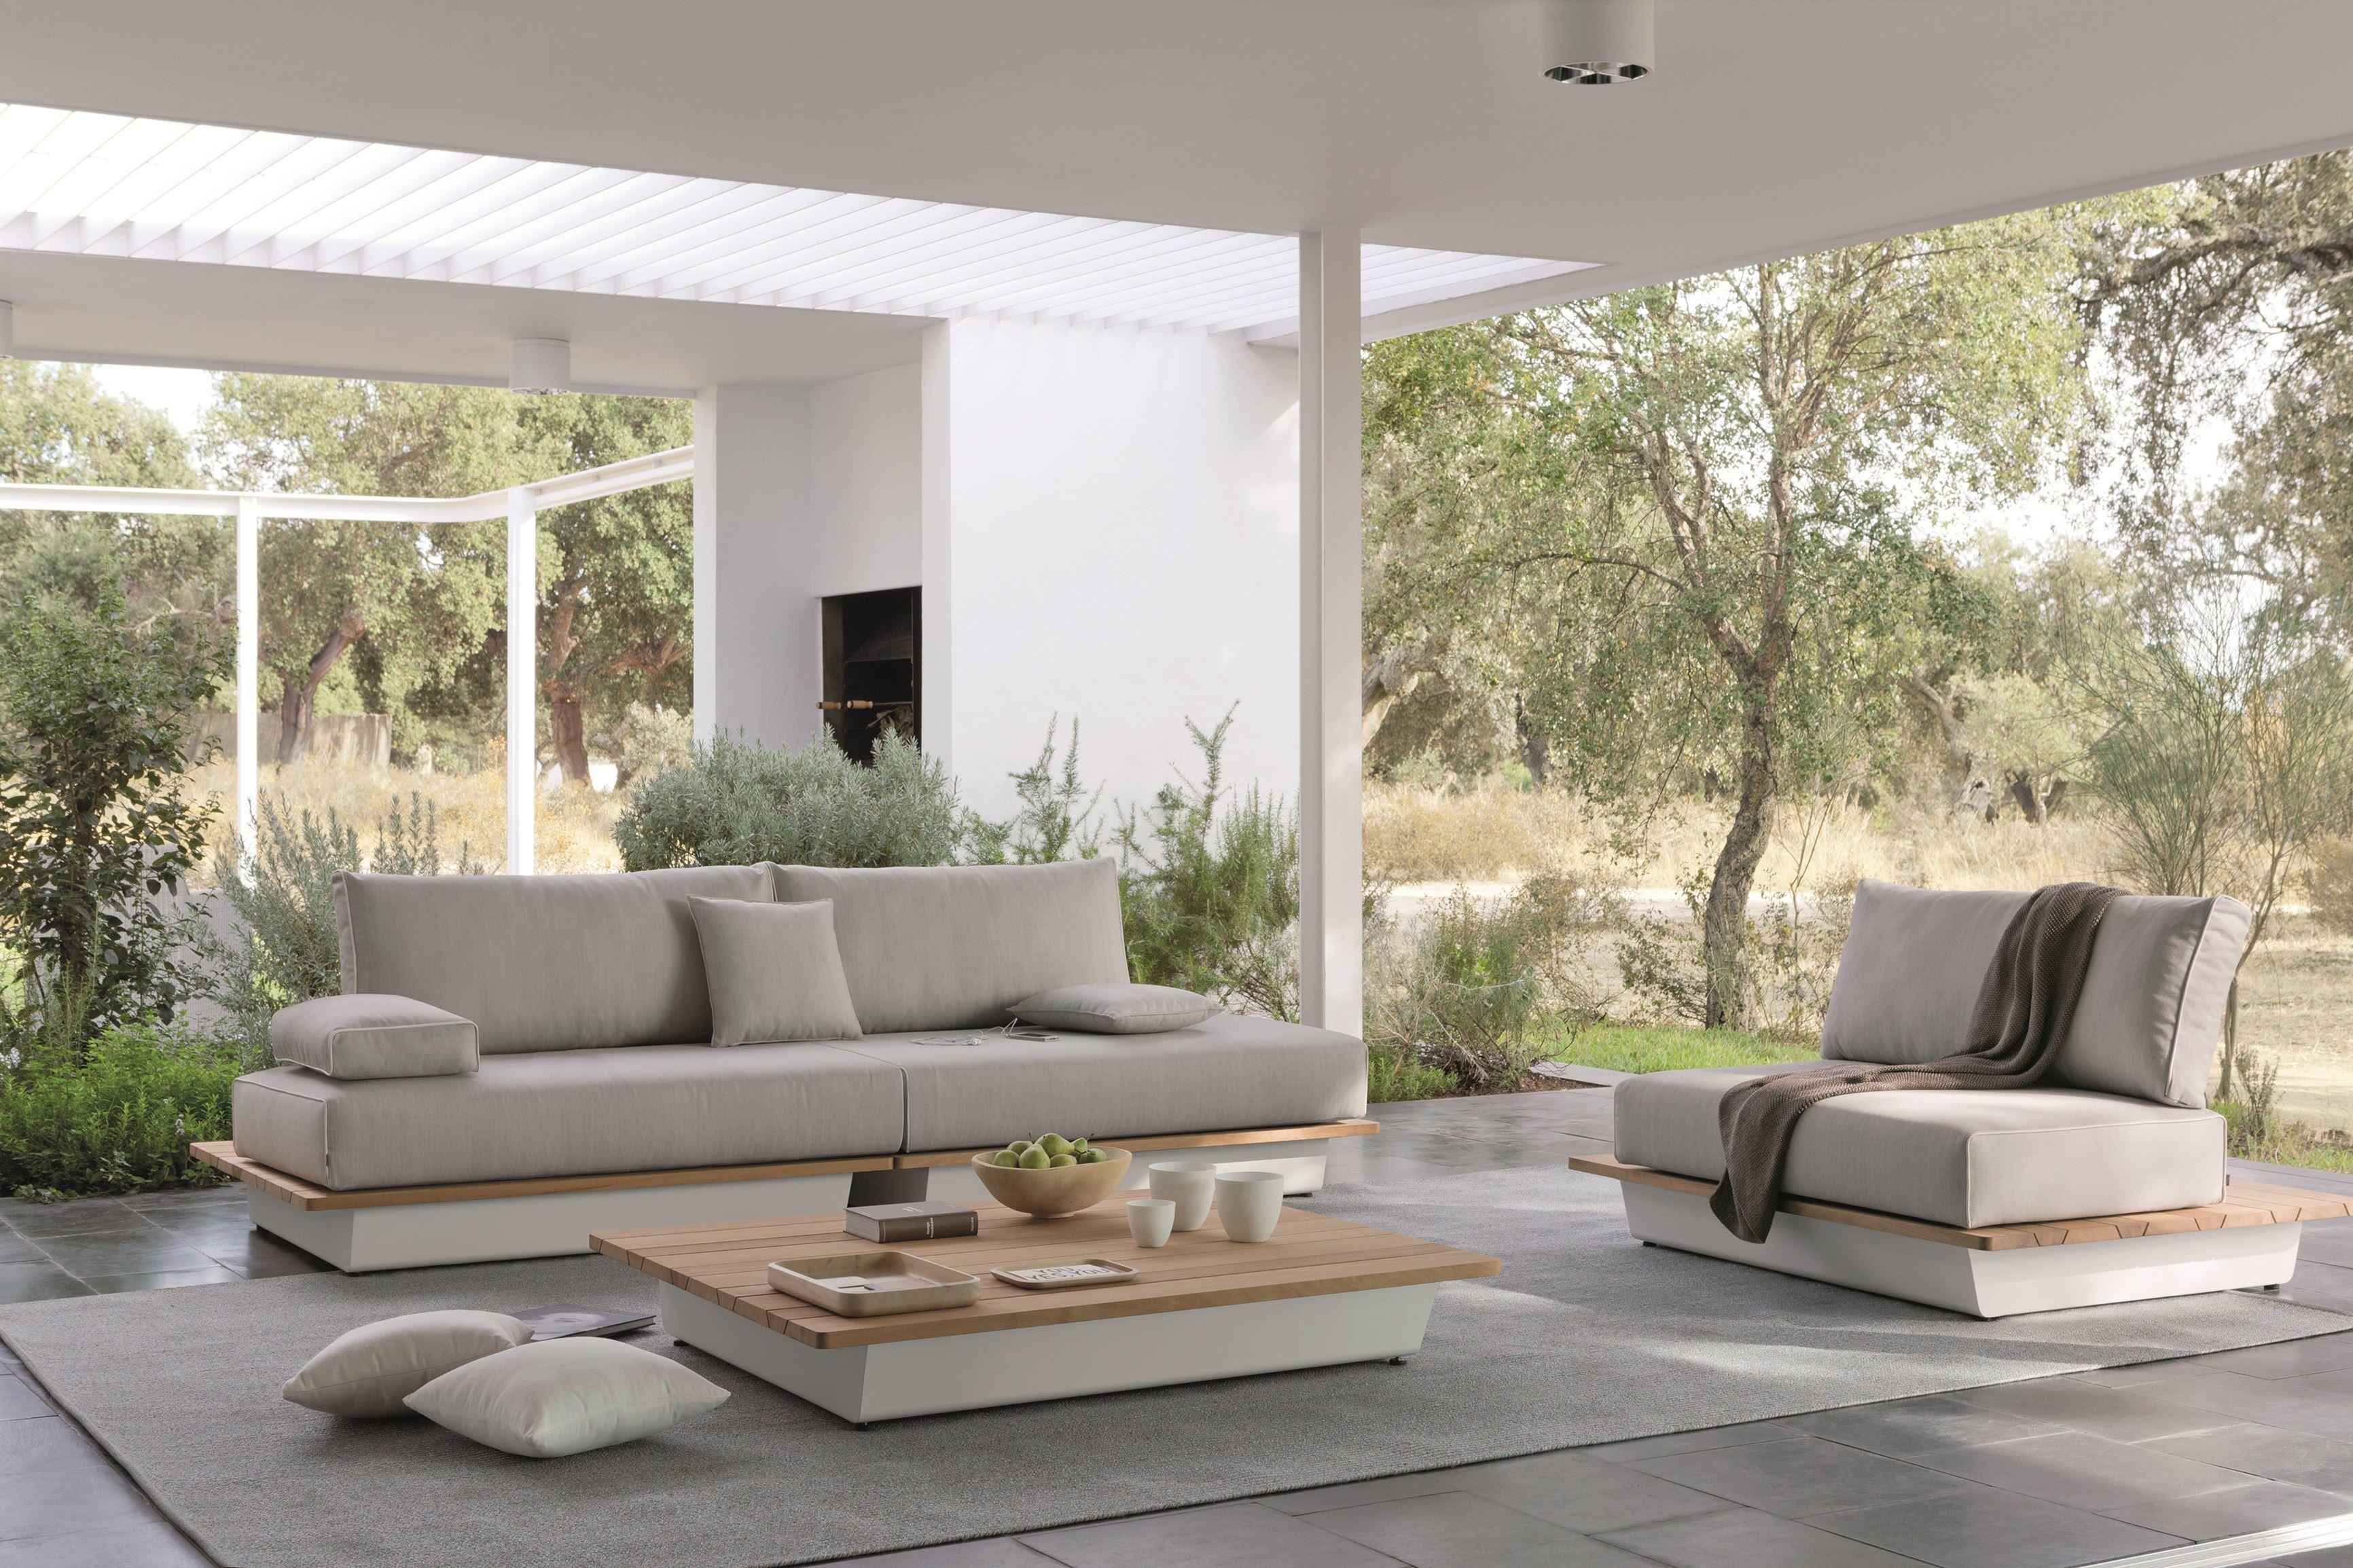 Островной диван в интерьере (8)